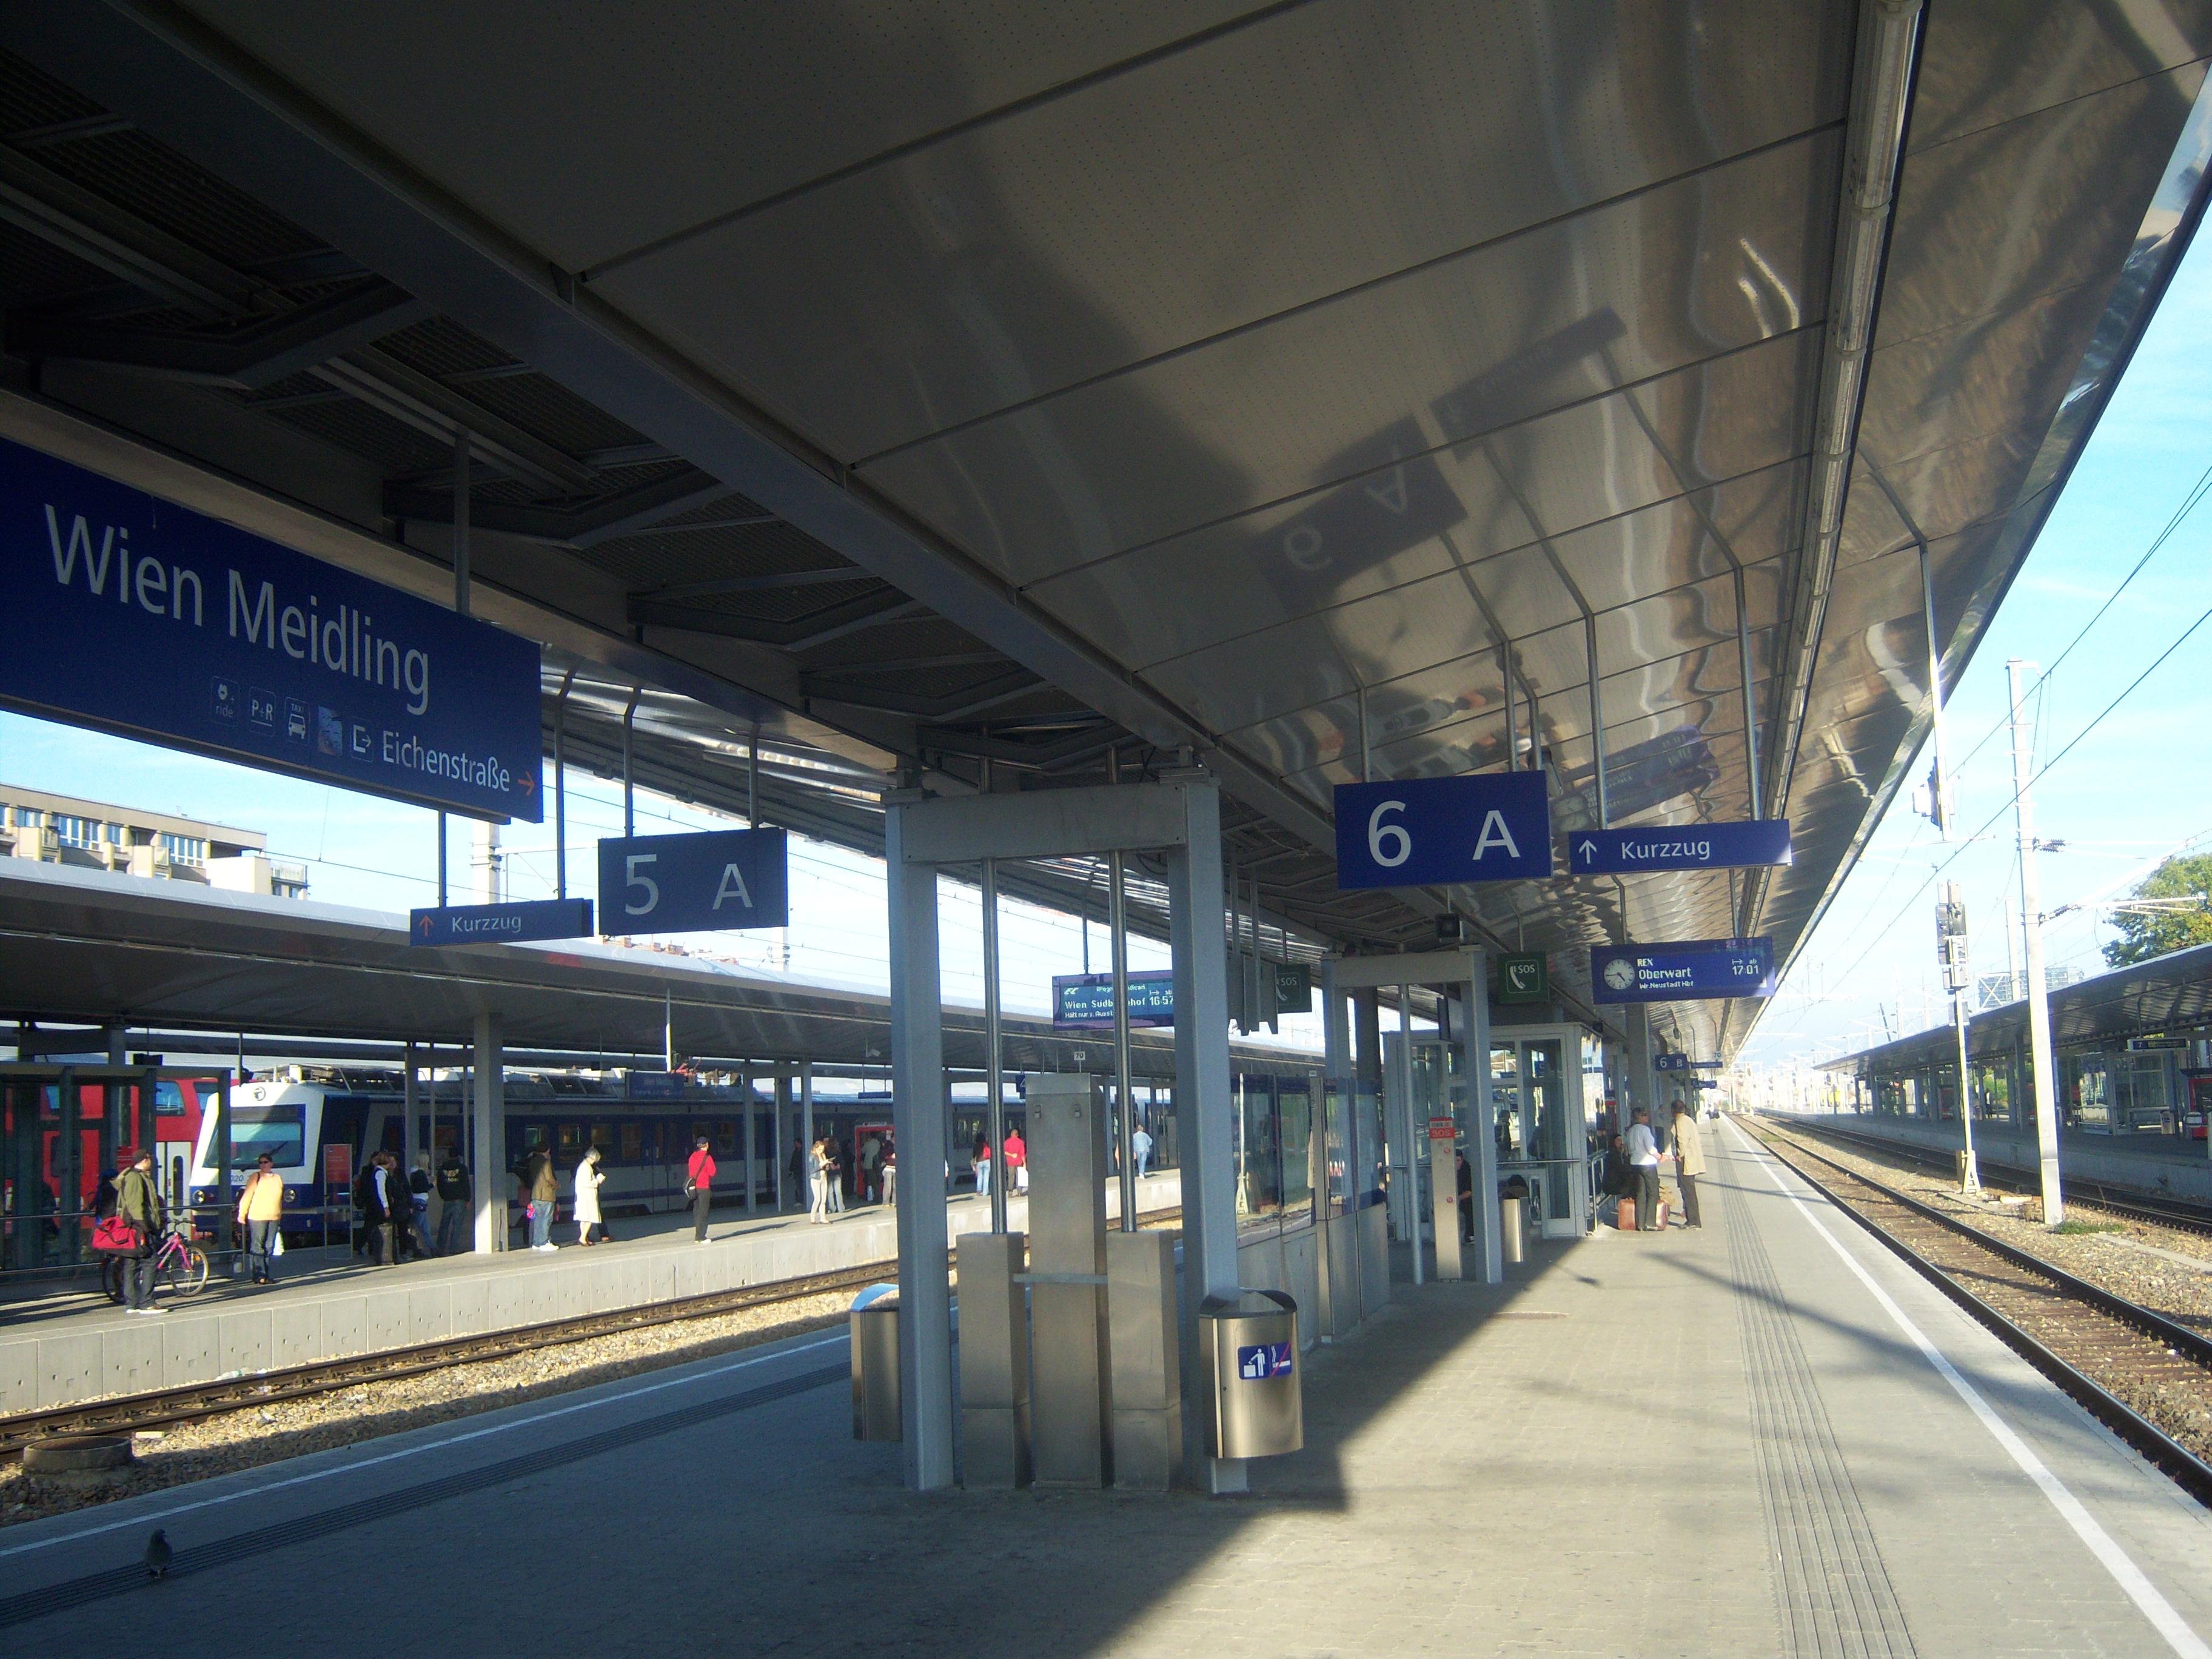 Meidling Wien